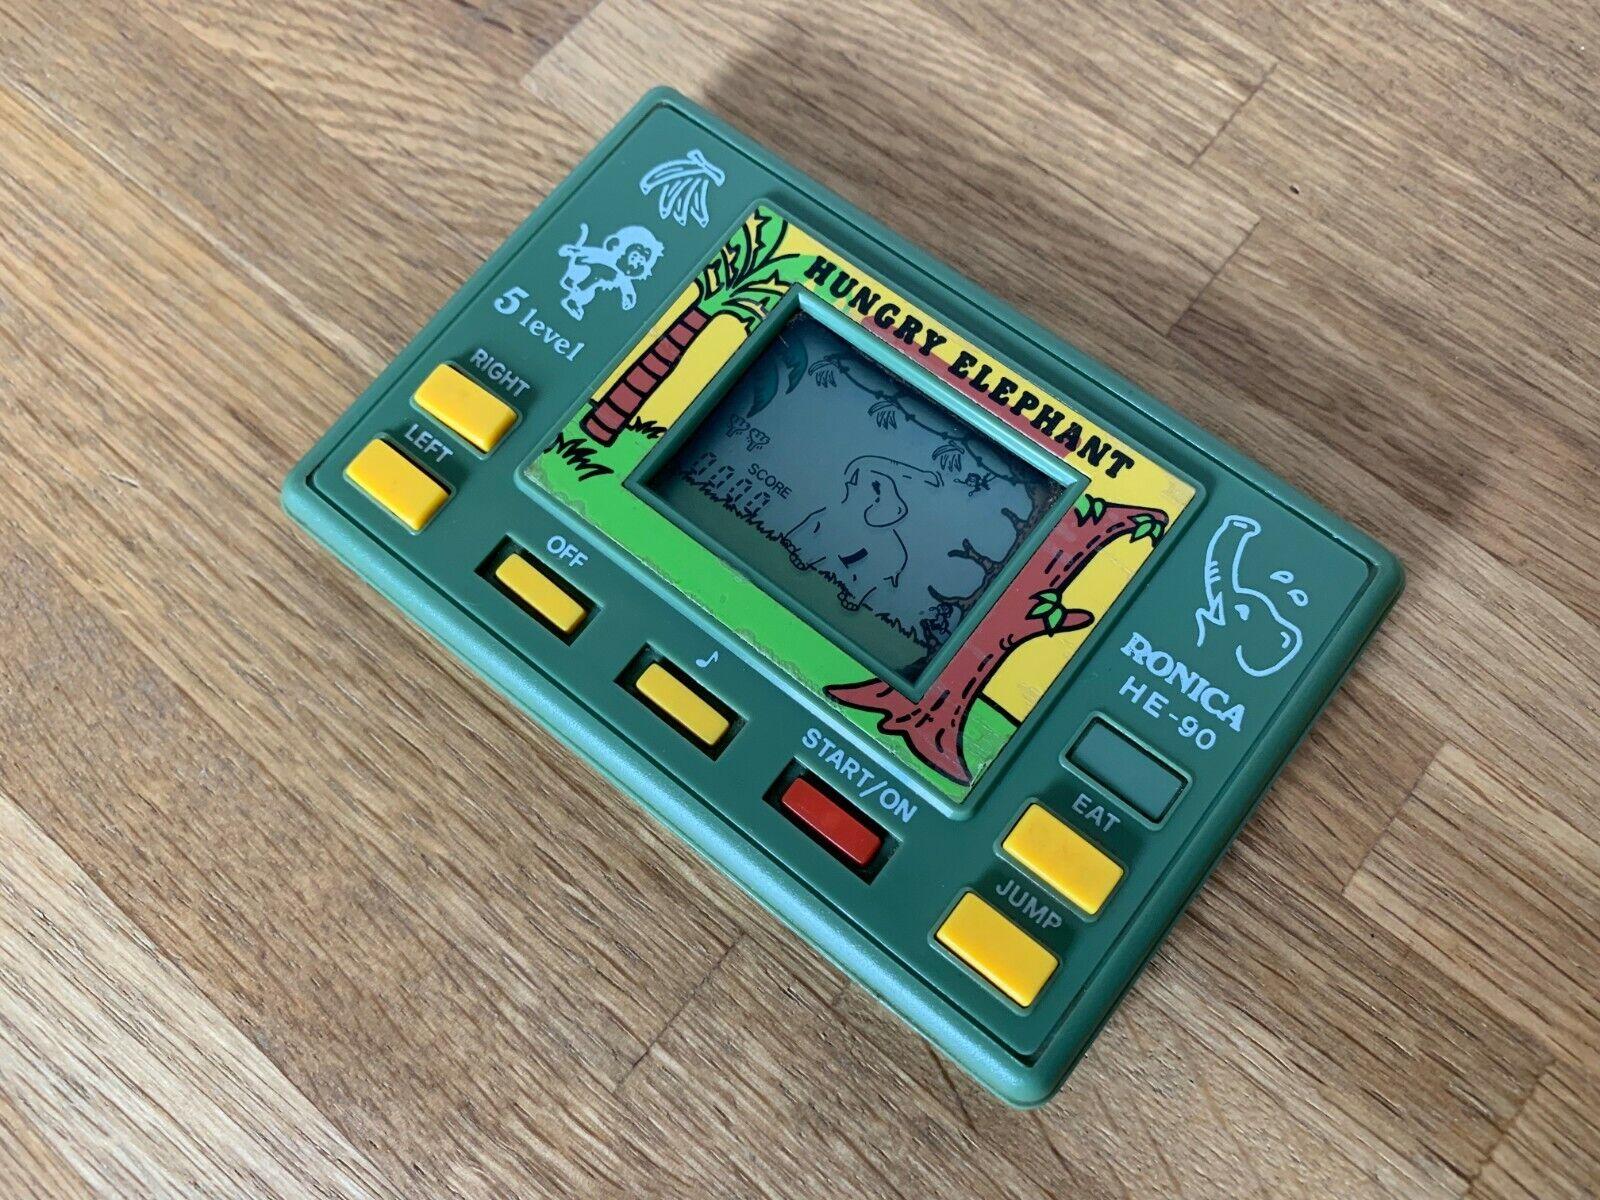 Vintage Rara Ronica hambre Elefante 1990 LCD Portátil Juego Electrónico-Excelente.